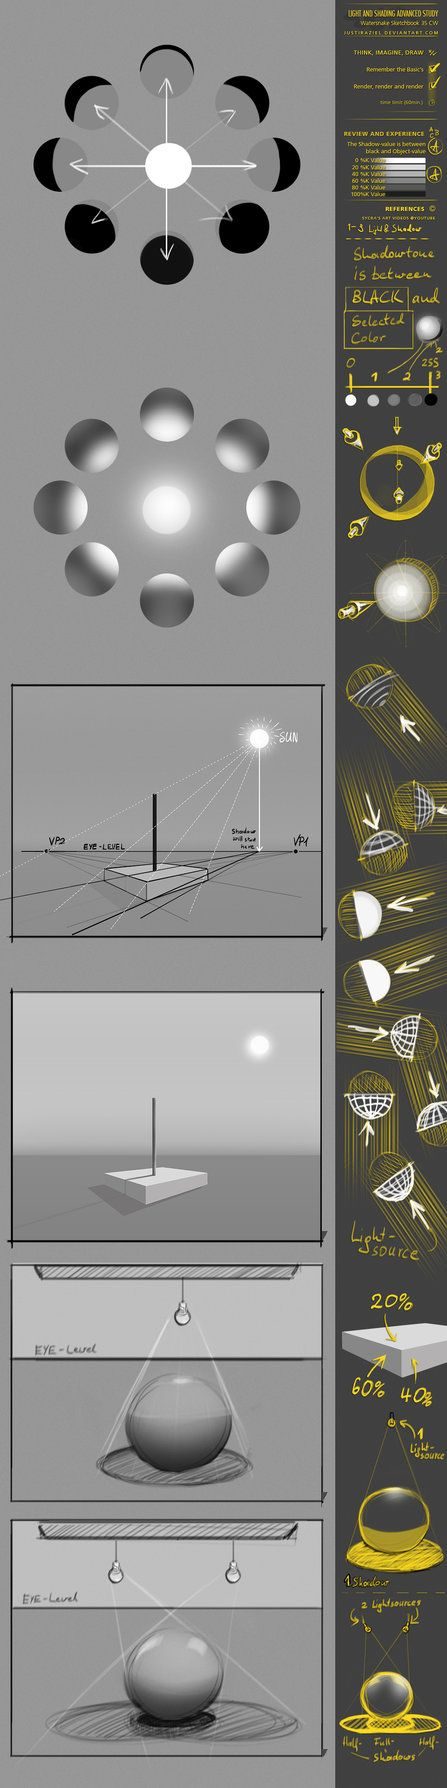 CW35 Light study by JustIRaziel